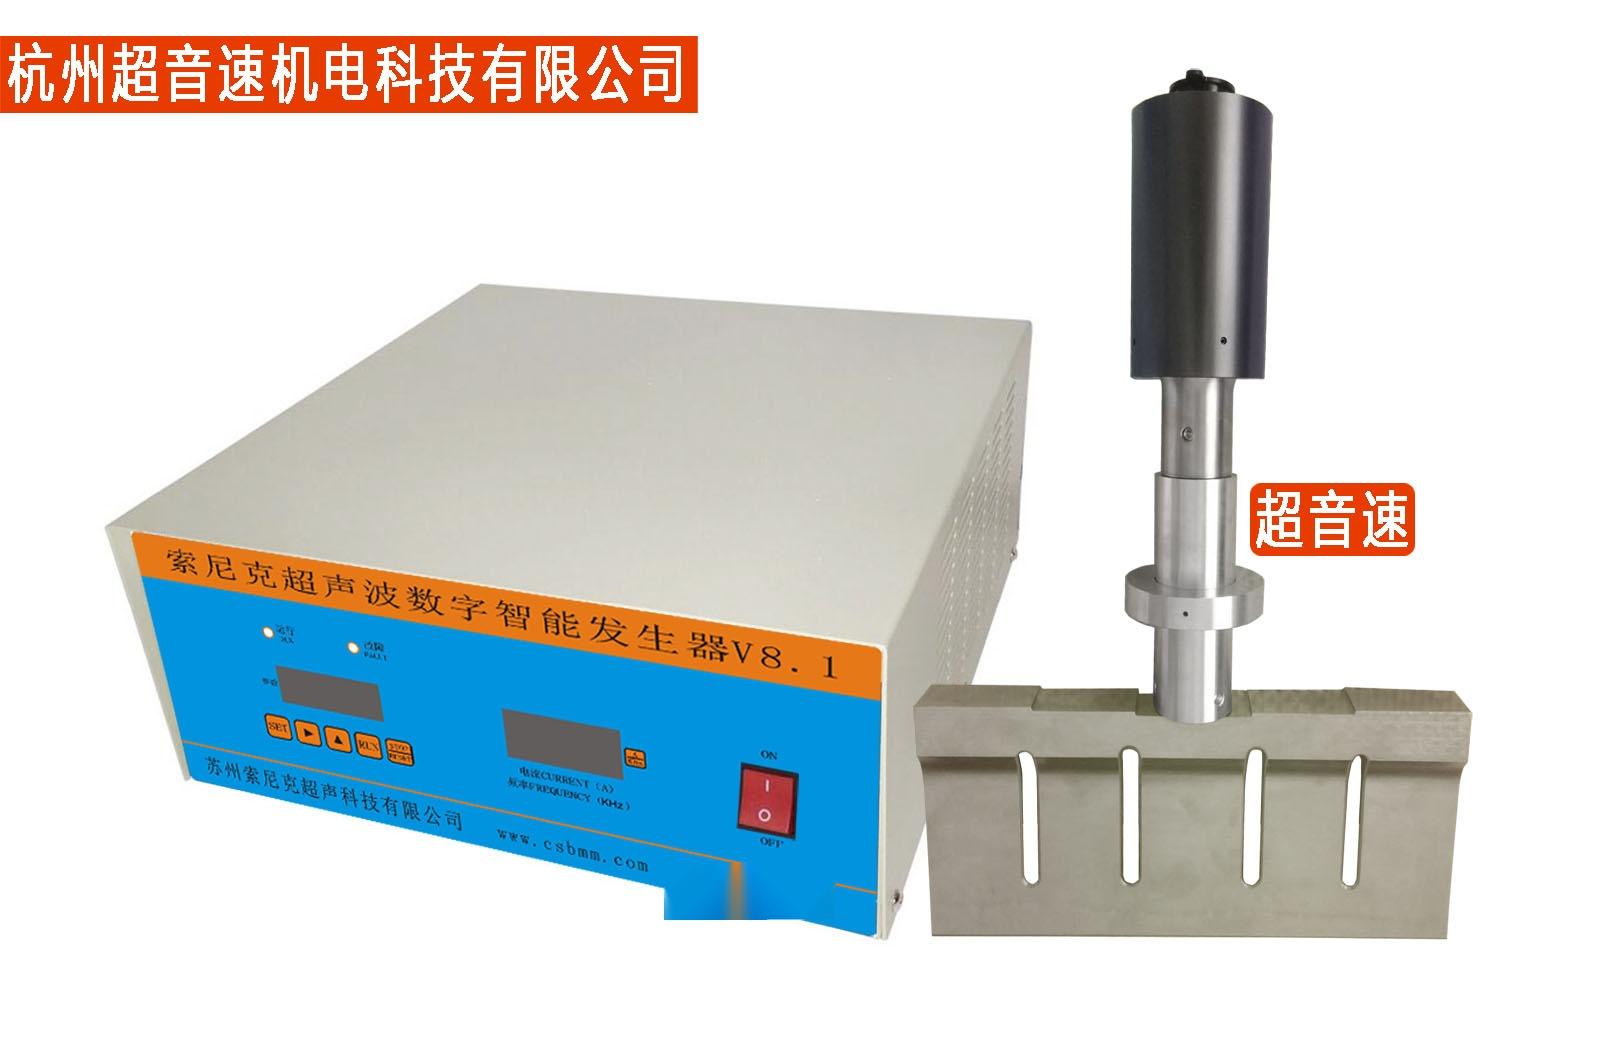 超音速1000W超声波蛋糕食品切割刀图片 规格 厂家 参数 (2).jpg